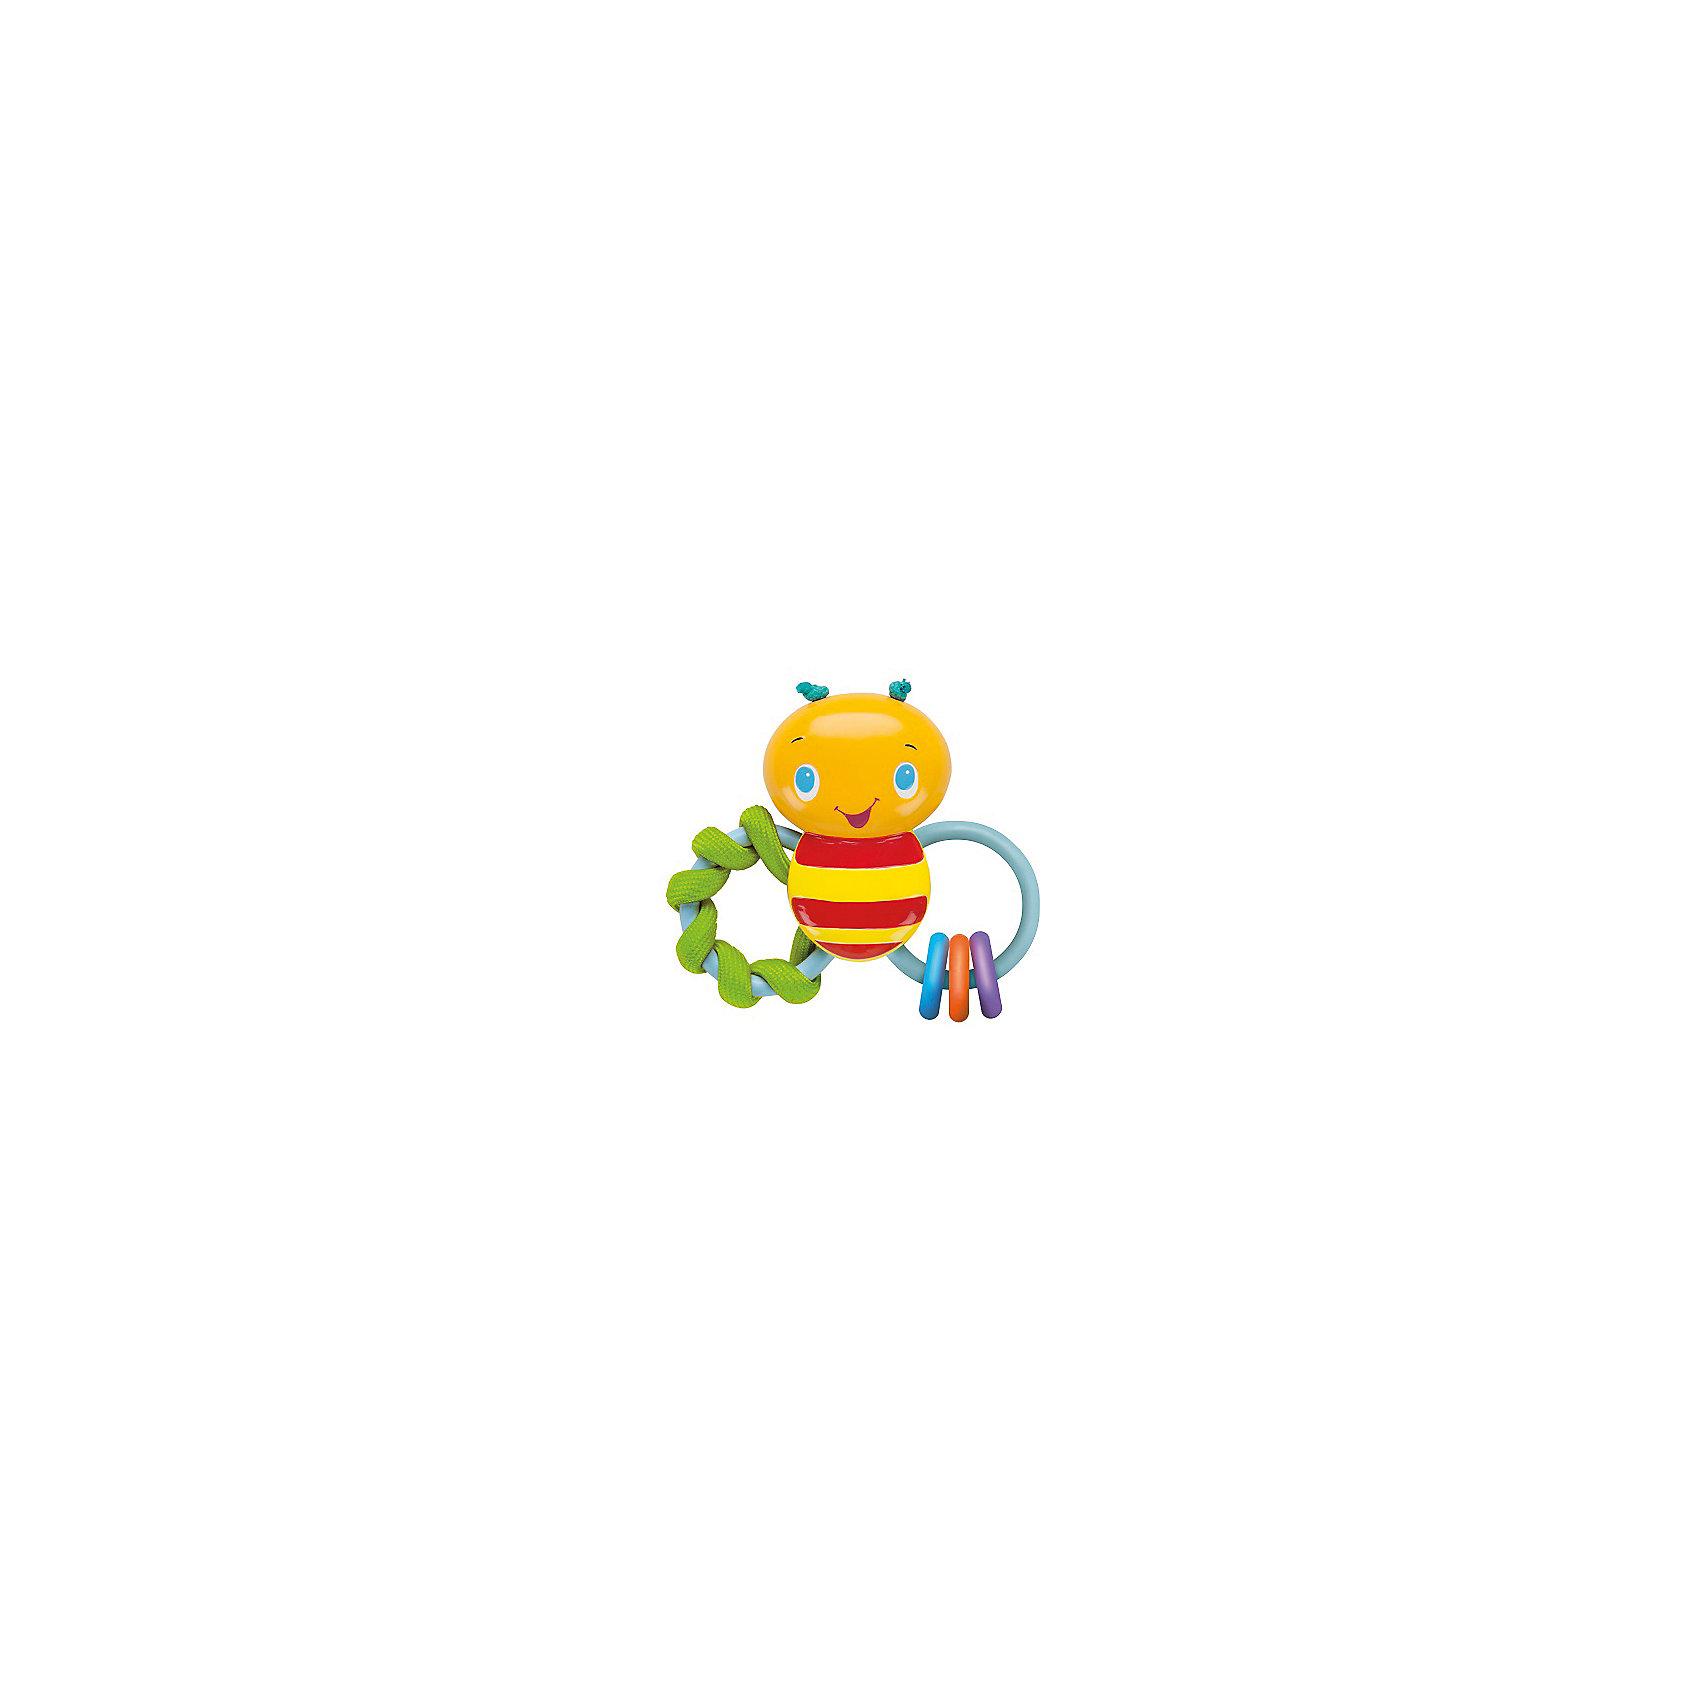 Погремушка Пчелка, Bright StartsПогремушка Пчелка от знаменитого американского бренда Bright Starts (Брайт стартс). Яркая и веселая погремушка в виде пчелки изготовленной из разного вида материала сделает игру малыша еще интереснее! Два колечка выполнены в виде крылышек, на одном из них текстильная спиралька, которая поможет развить тактильное восприятие малыша, а на другом крылышке три колечка, изготовленнных из высококачественной резины, поможет прорезаться зубкам и развить жевательные и кусательные рефлексы. Цветная пчелка так еще и погремушка, это поможет развить звуковое и цветовое восприятие ребенка. <br>- Дополнительная информация:<br>- Материал: пластик, резина, текстиль<br>- Размер 13 * 12 * 4 см.<br><br>Погремушку Пчелка, Bright Starts можно купить в нашем интернет-магазине.<br><br>Подробнее:<br>• Для детей в возрасте: от 0 месяцев до 1 года<br>• Номер товара: 4918357<br>Страна производитель: Китай<br><br>Ширина мм: 142<br>Глубина мм: 193<br>Высота мм: 36<br>Вес г: 104<br>Возраст от месяцев: 0<br>Возраст до месяцев: 36<br>Пол: Унисекс<br>Возраст: Детский<br>SKU: 4918357